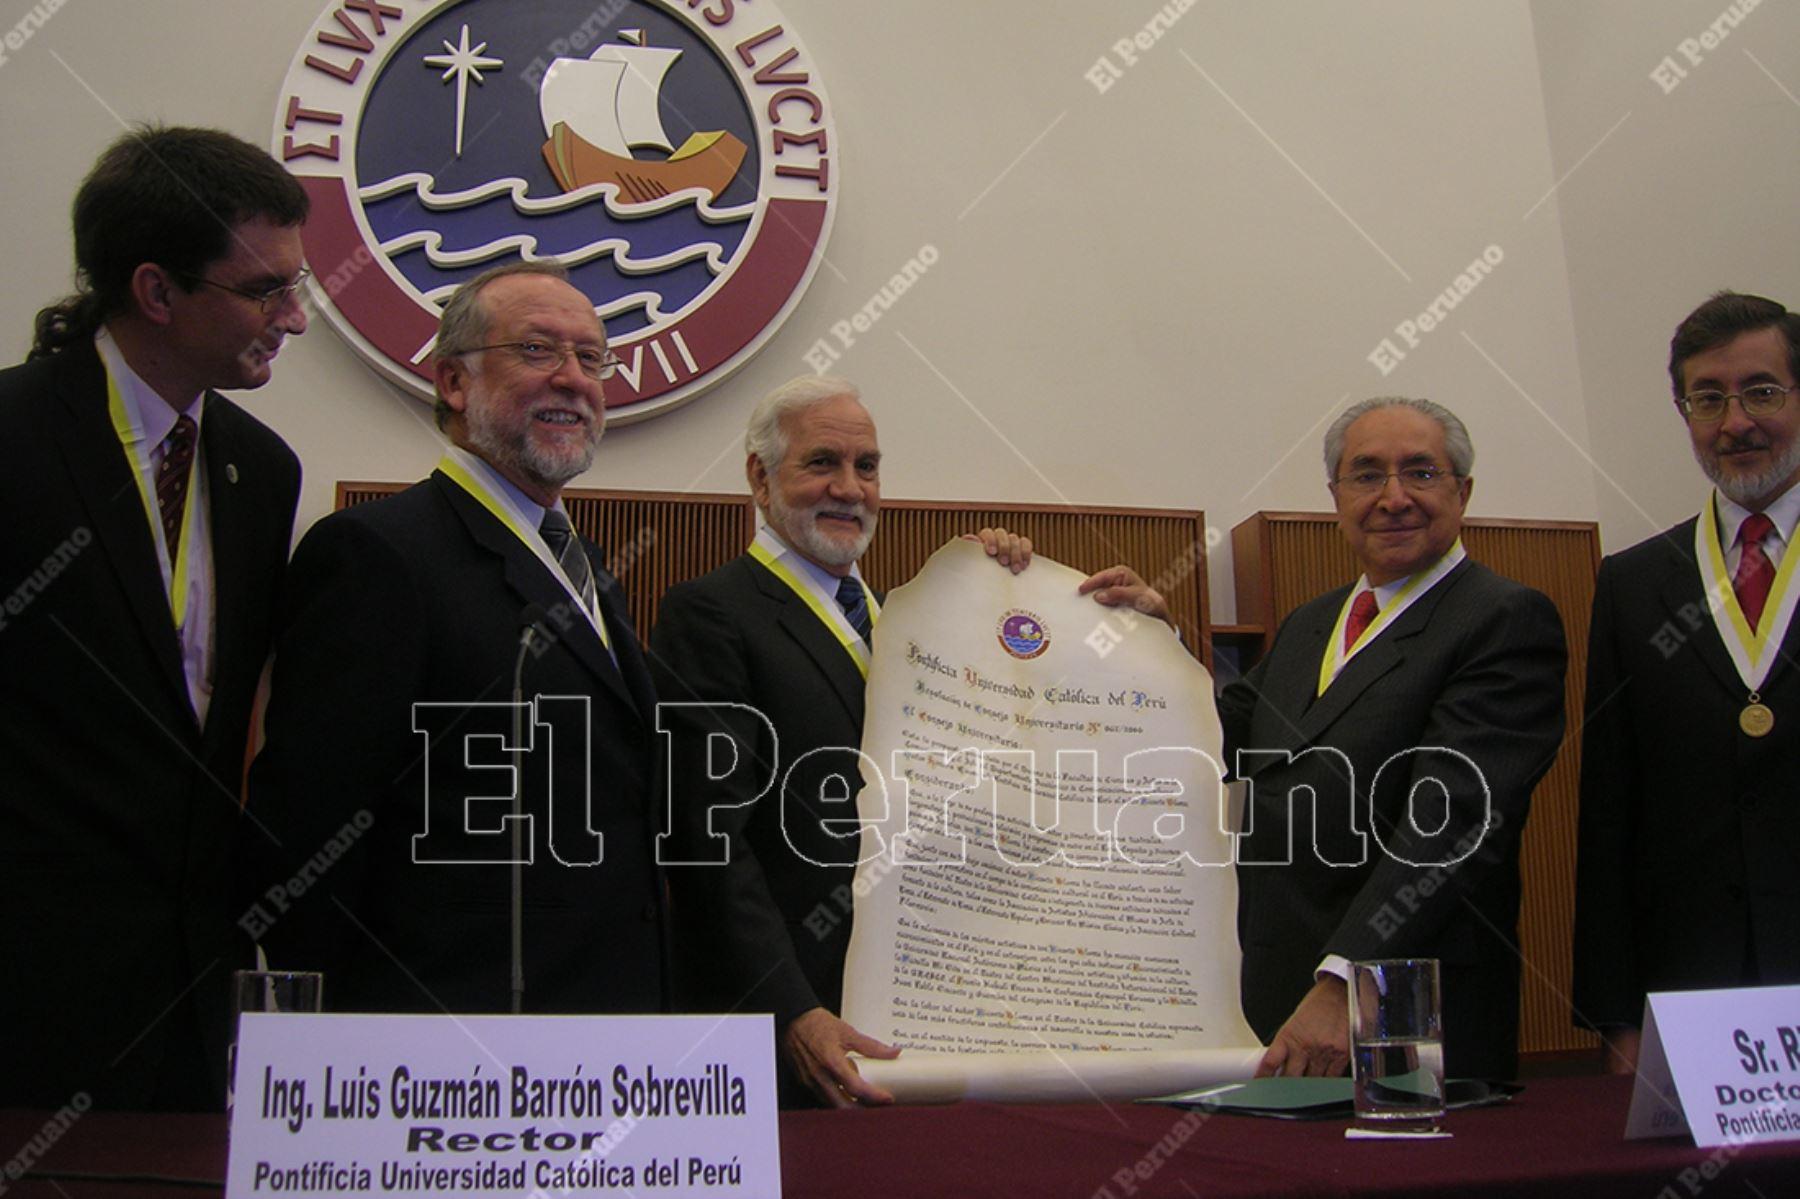 Lima - 25 agosto 2006 / La Pontificia Universidad Católica del Perú le otorgó el título de Doctor Honoris Causa al actor Ricardo Blume. Foto: Archivo Histórico de El Peruano